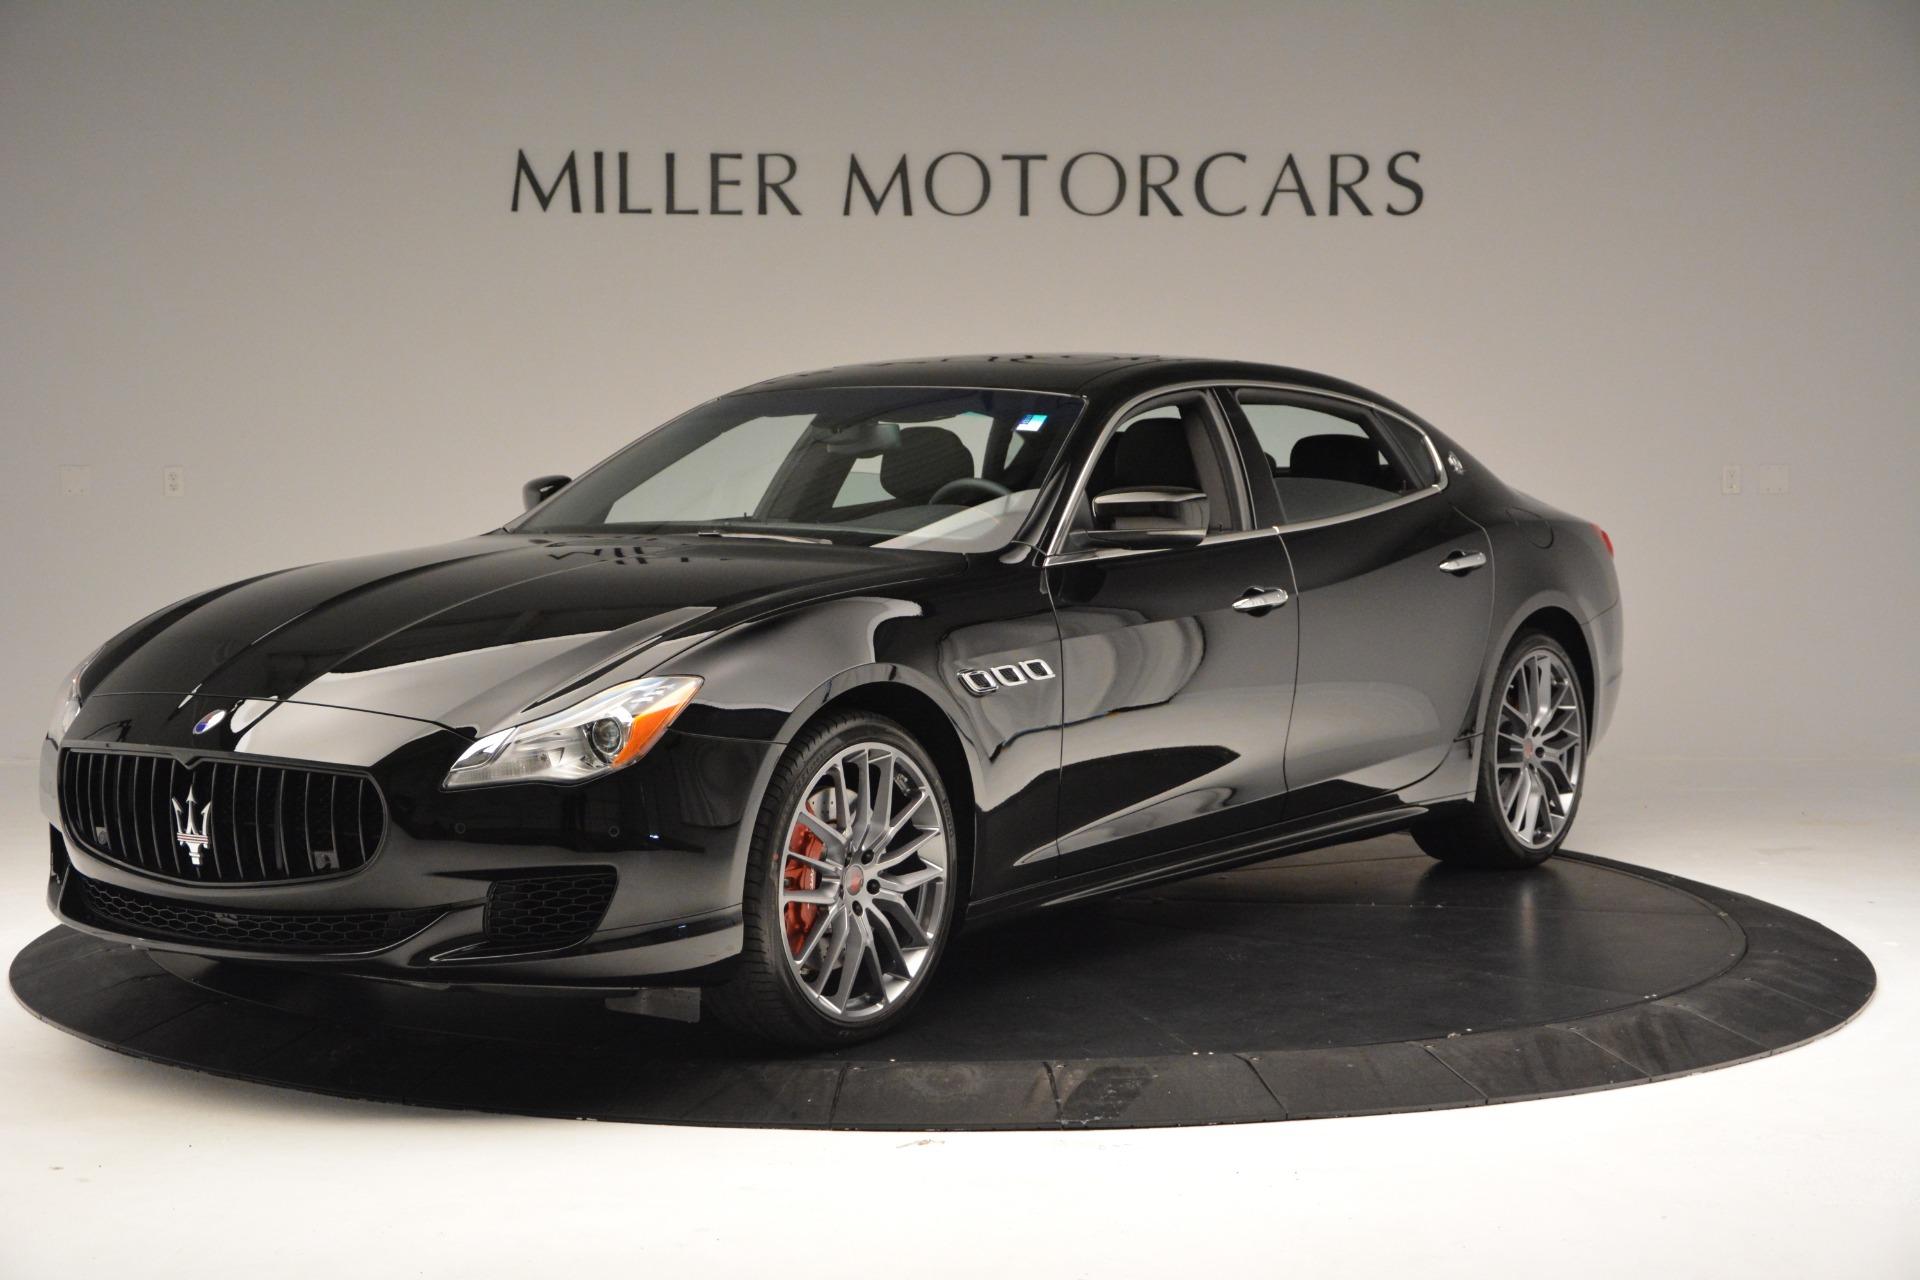 Used 2015 Maserati Quattroporte GTS For Sale In Greenwich, CT. Alfa Romeo of Greenwich, R482A 2993_p2